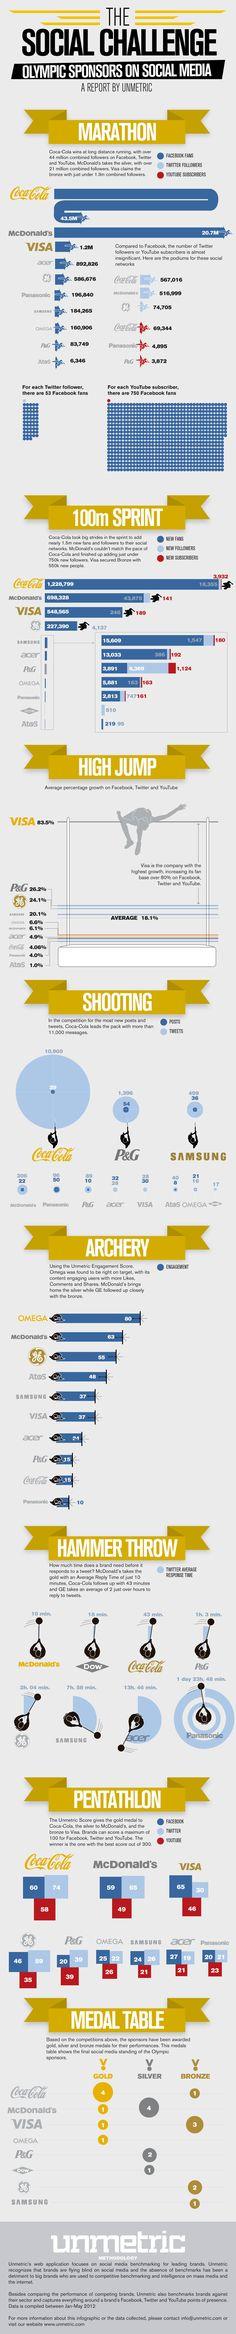 Olympic Sponsors Go For Gold Online